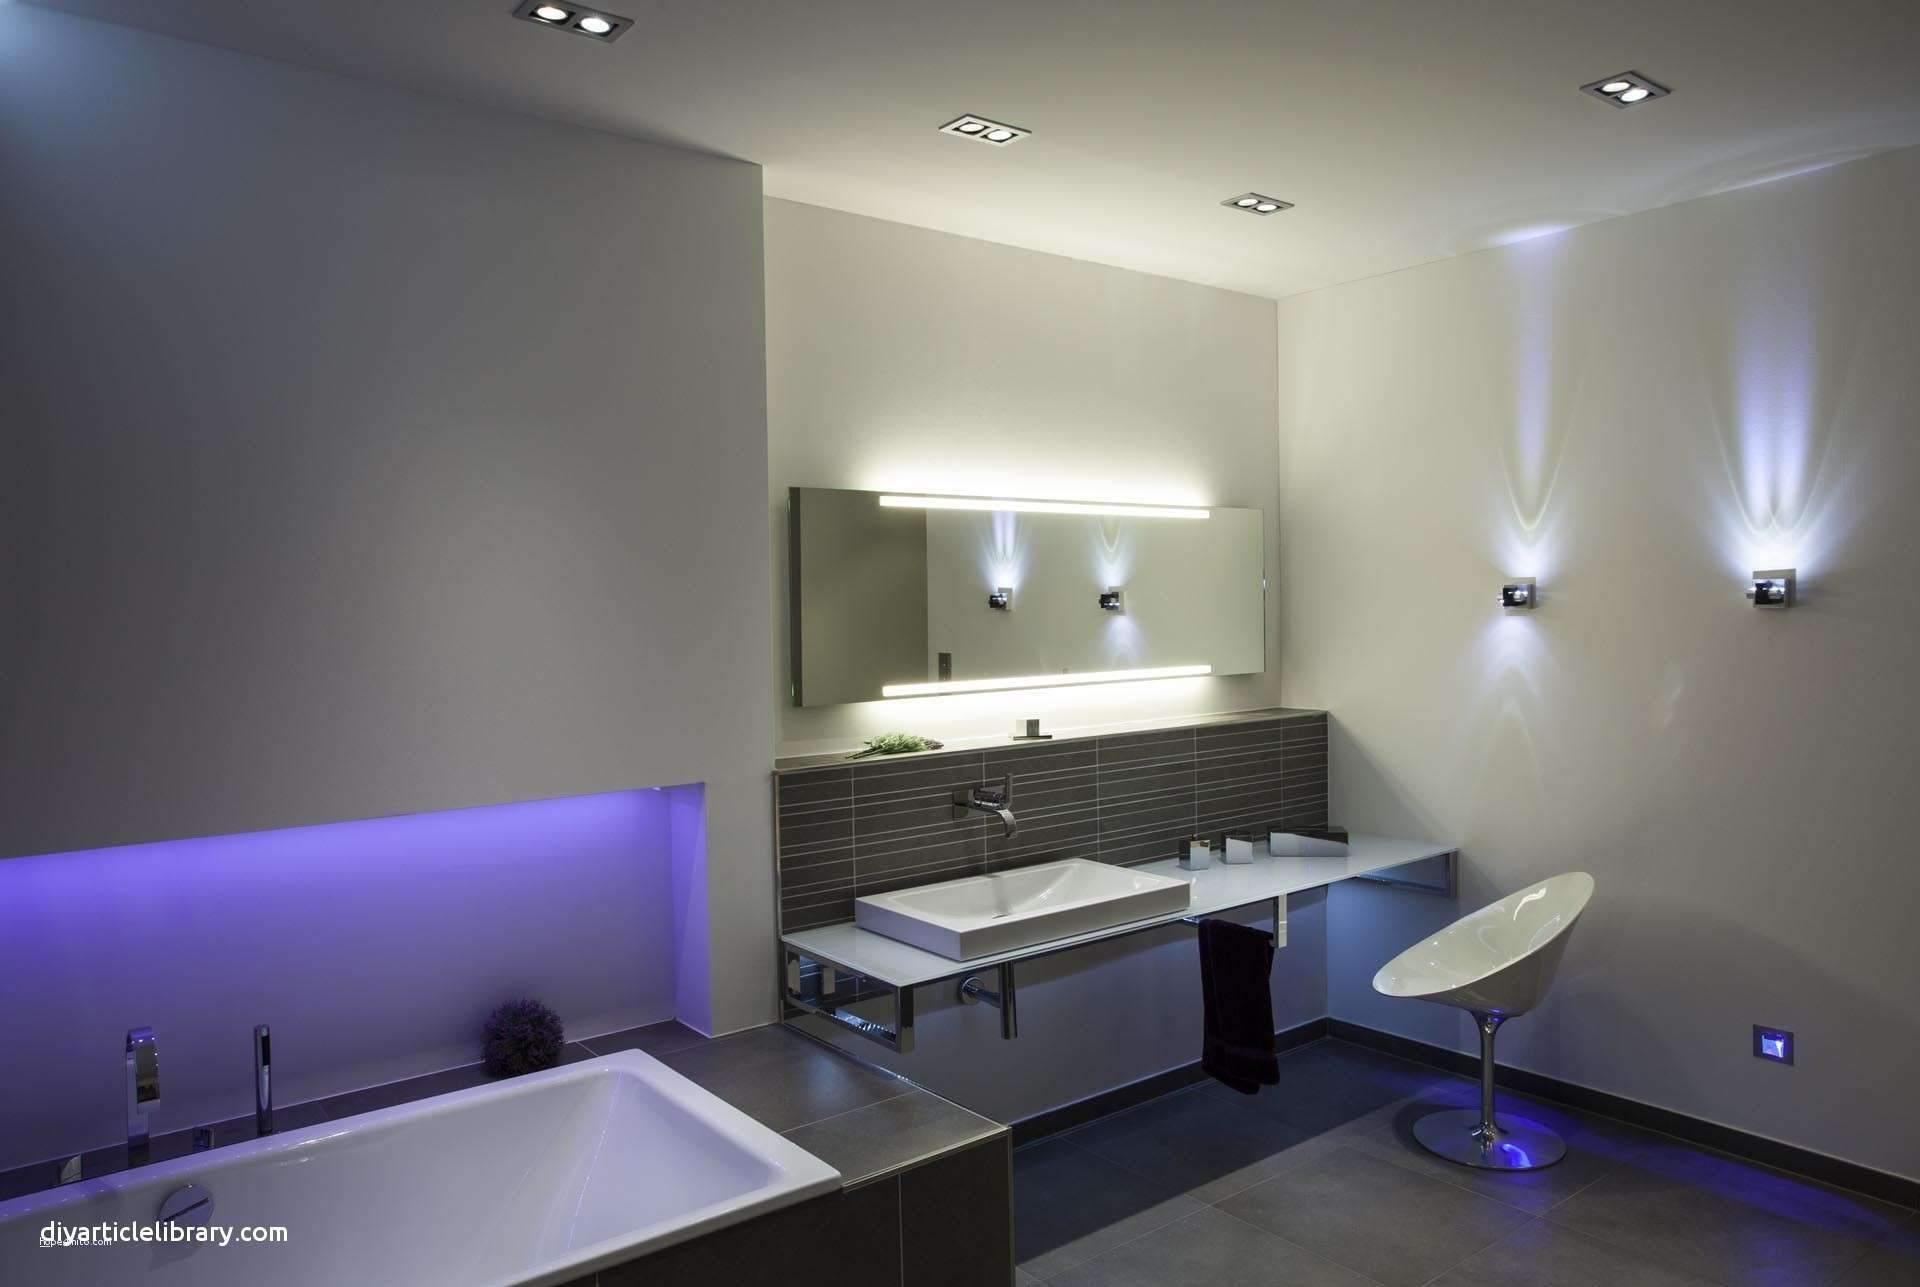 licht ideen wohnzimmer genial licht beton better badezimmer licht ideen luxus wohnzimmer of licht ideen wohnzimmer